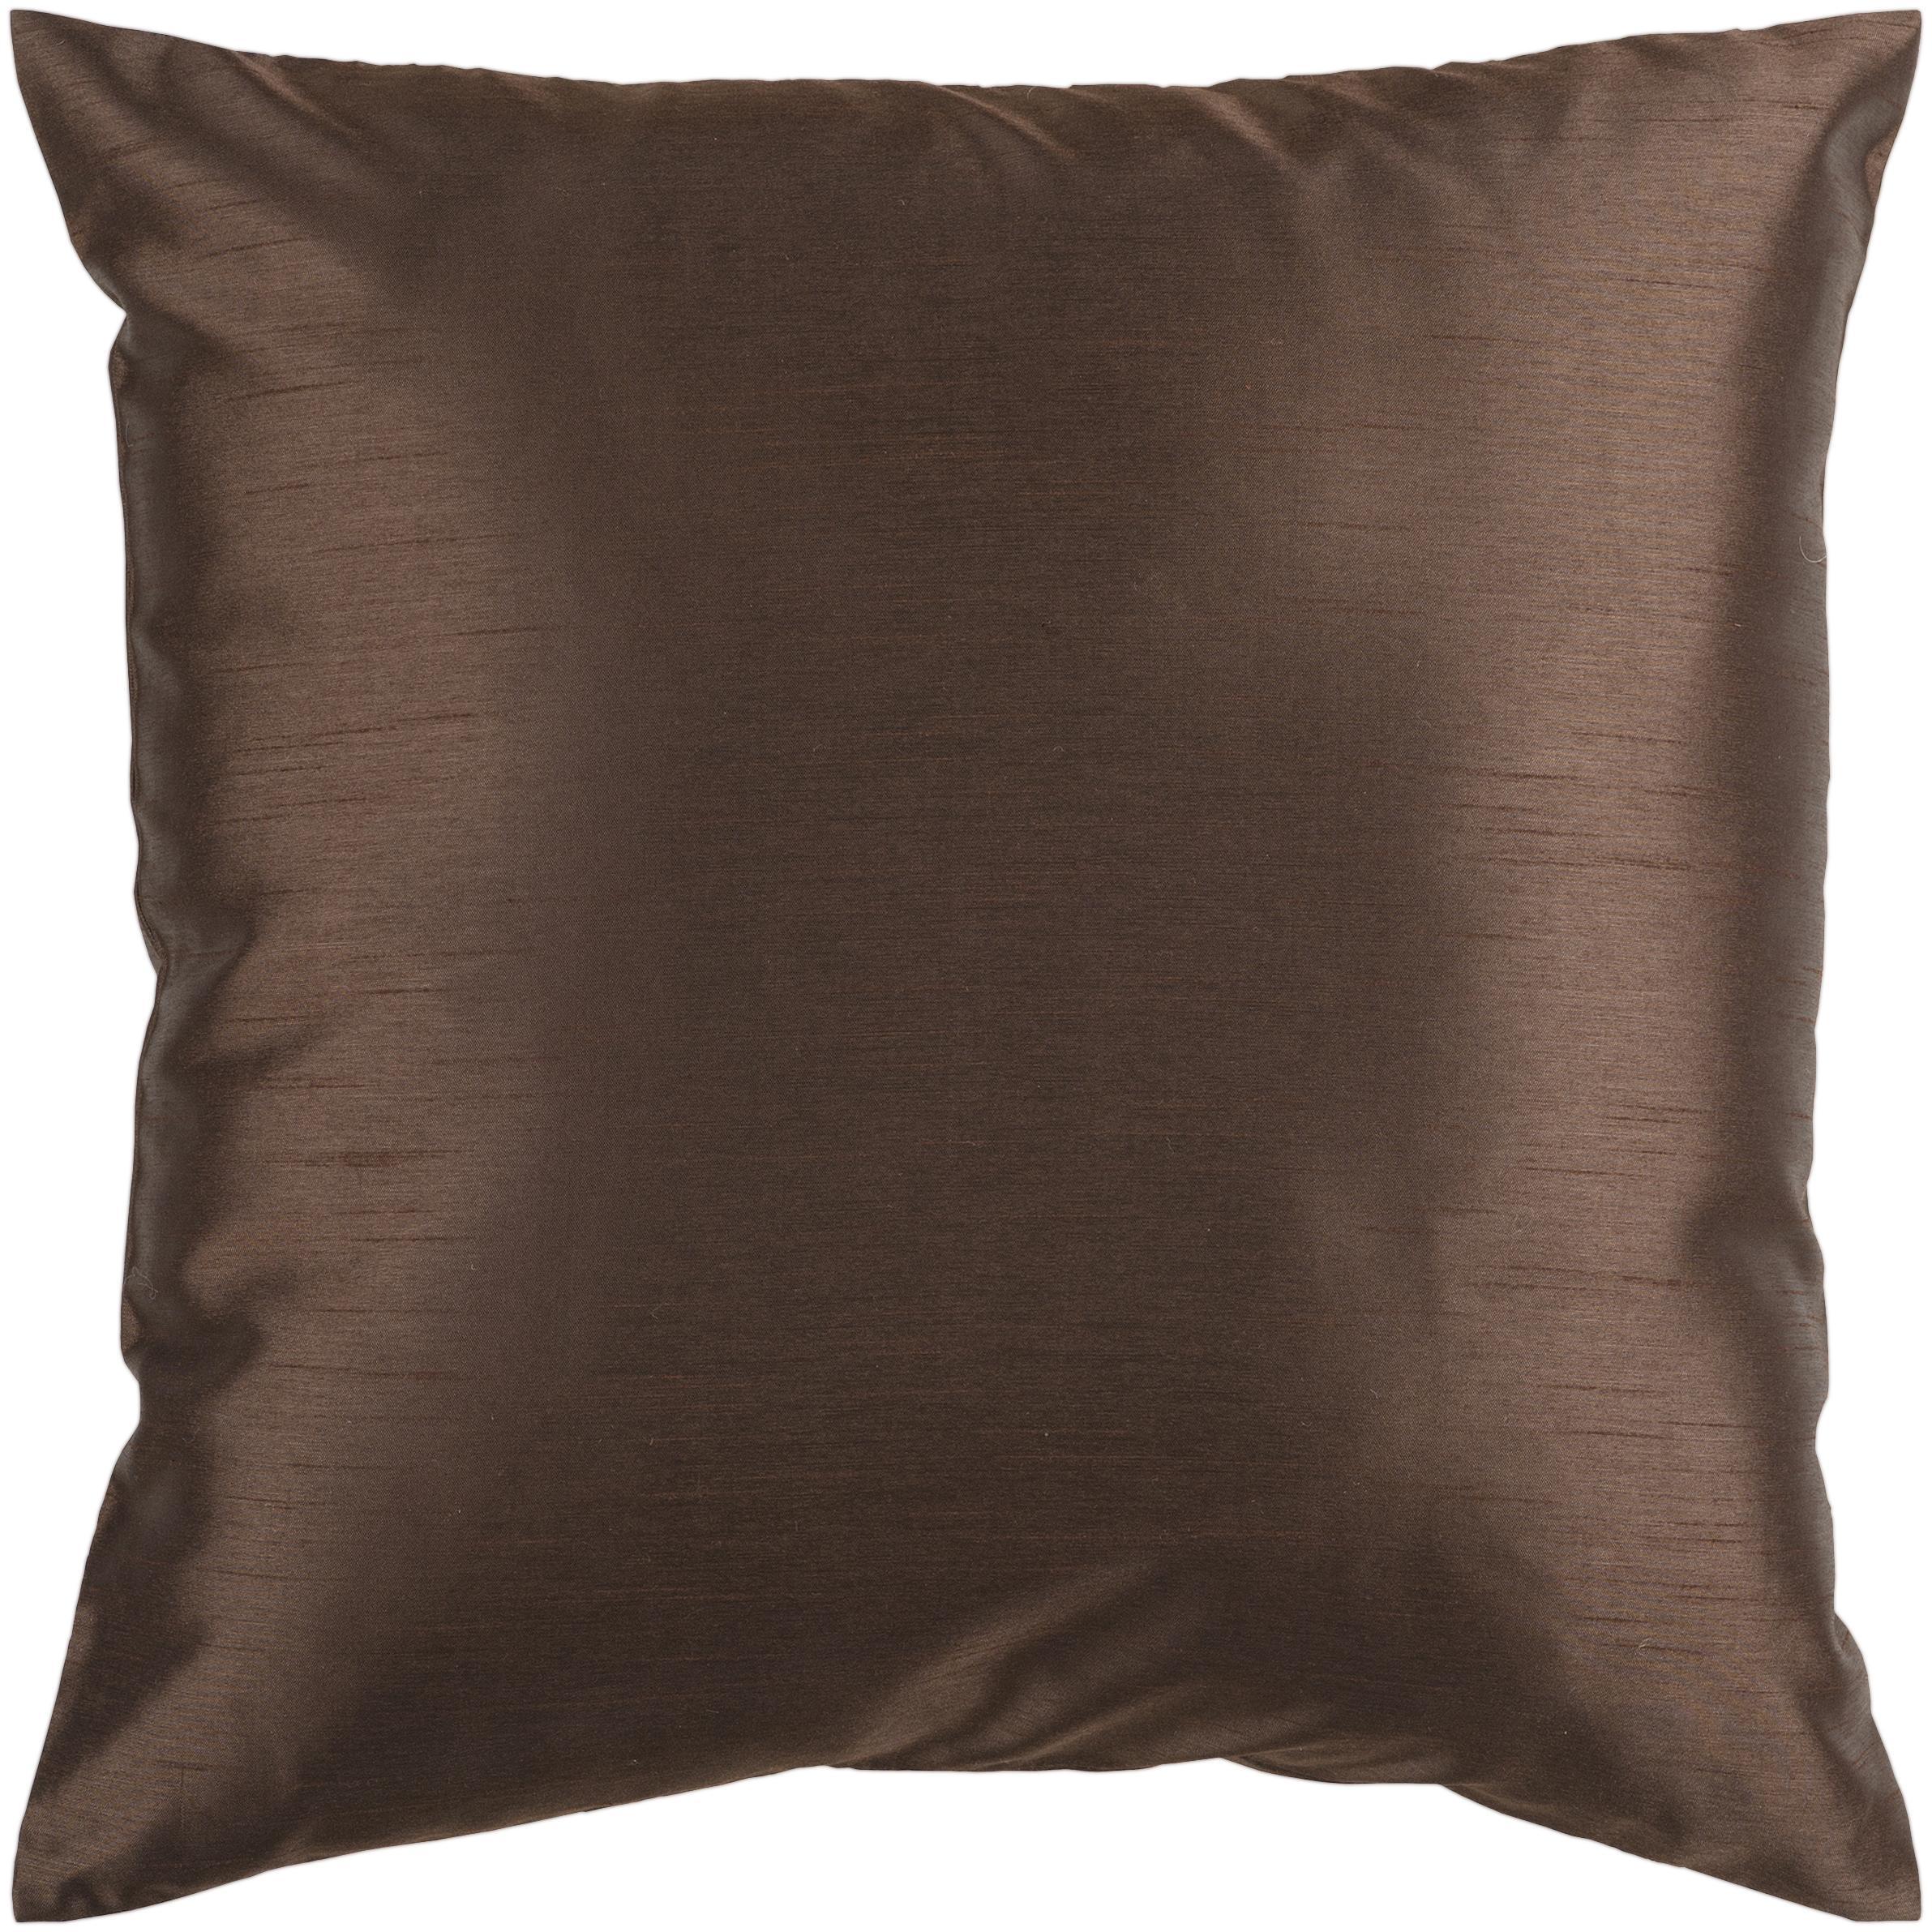 """Surya Pillows 22"""" x 22"""" Pillow - Item Number: HH040-2222P"""